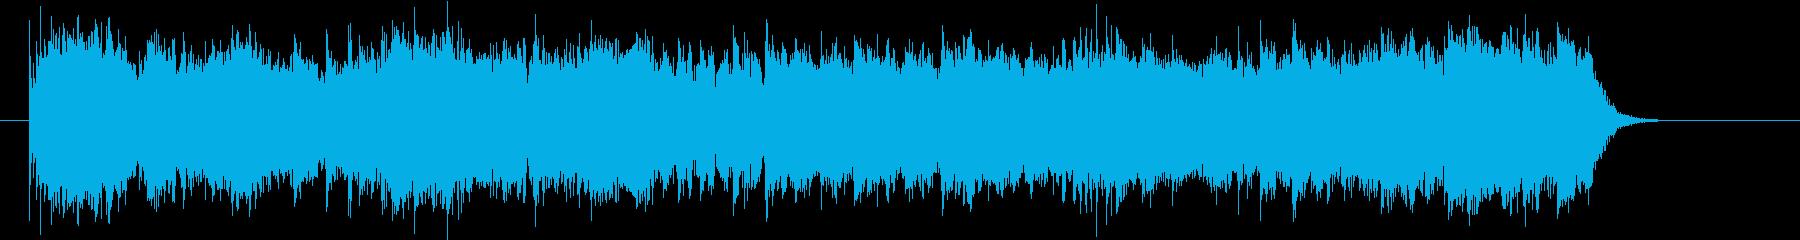 エレキギタノーの哀愁を感じる短いロックの再生済みの波形